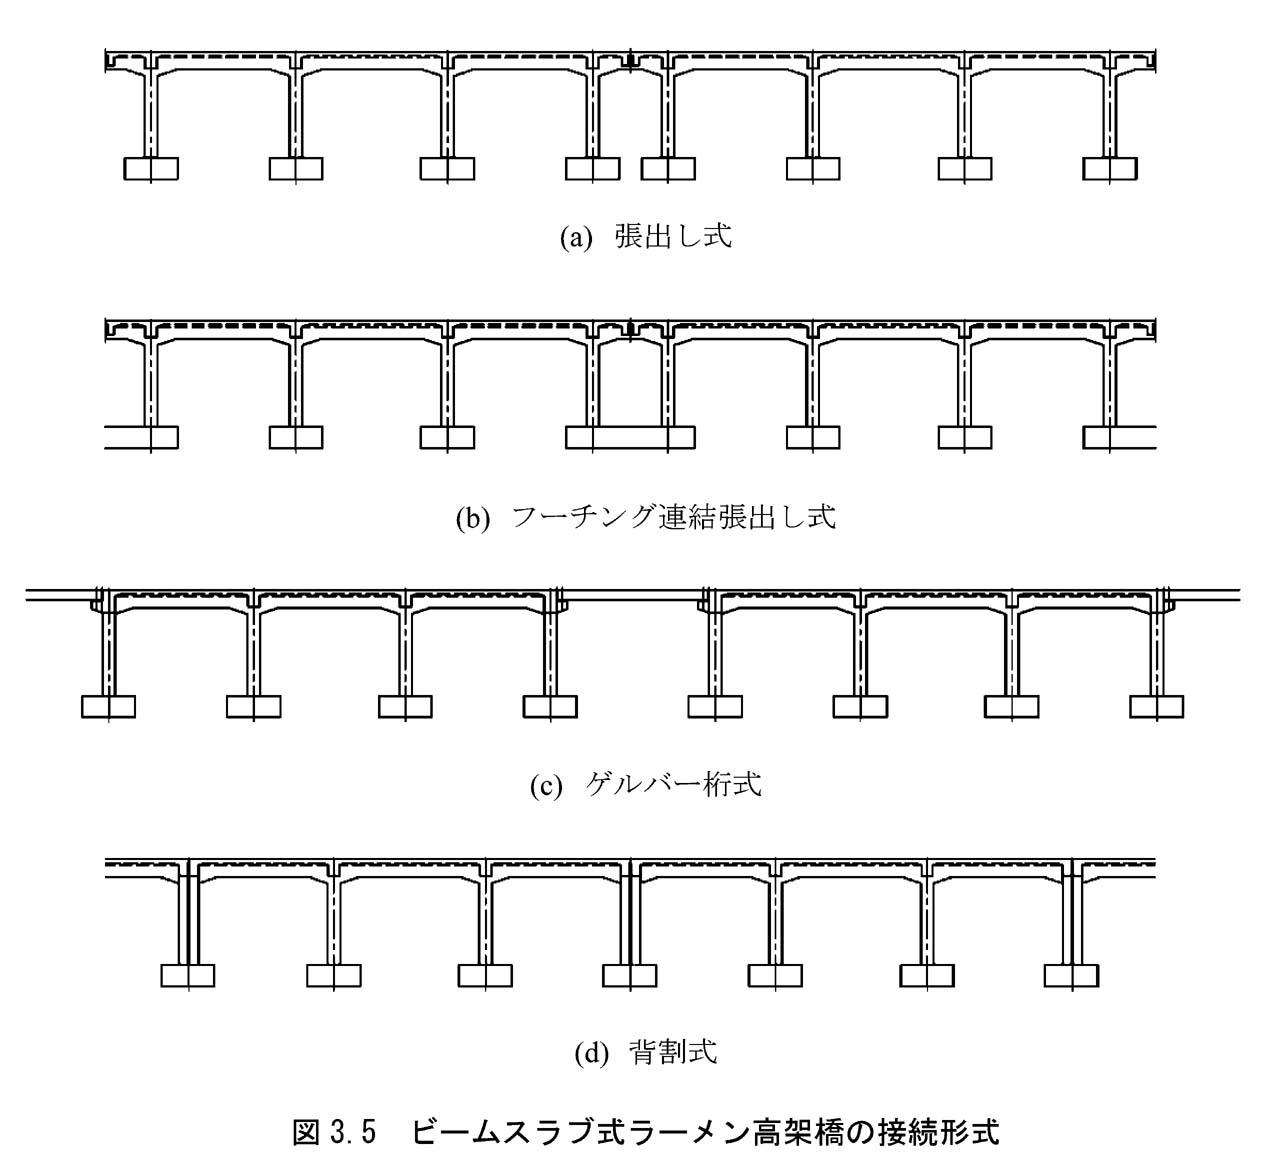 高架橋「継ぎ目」考